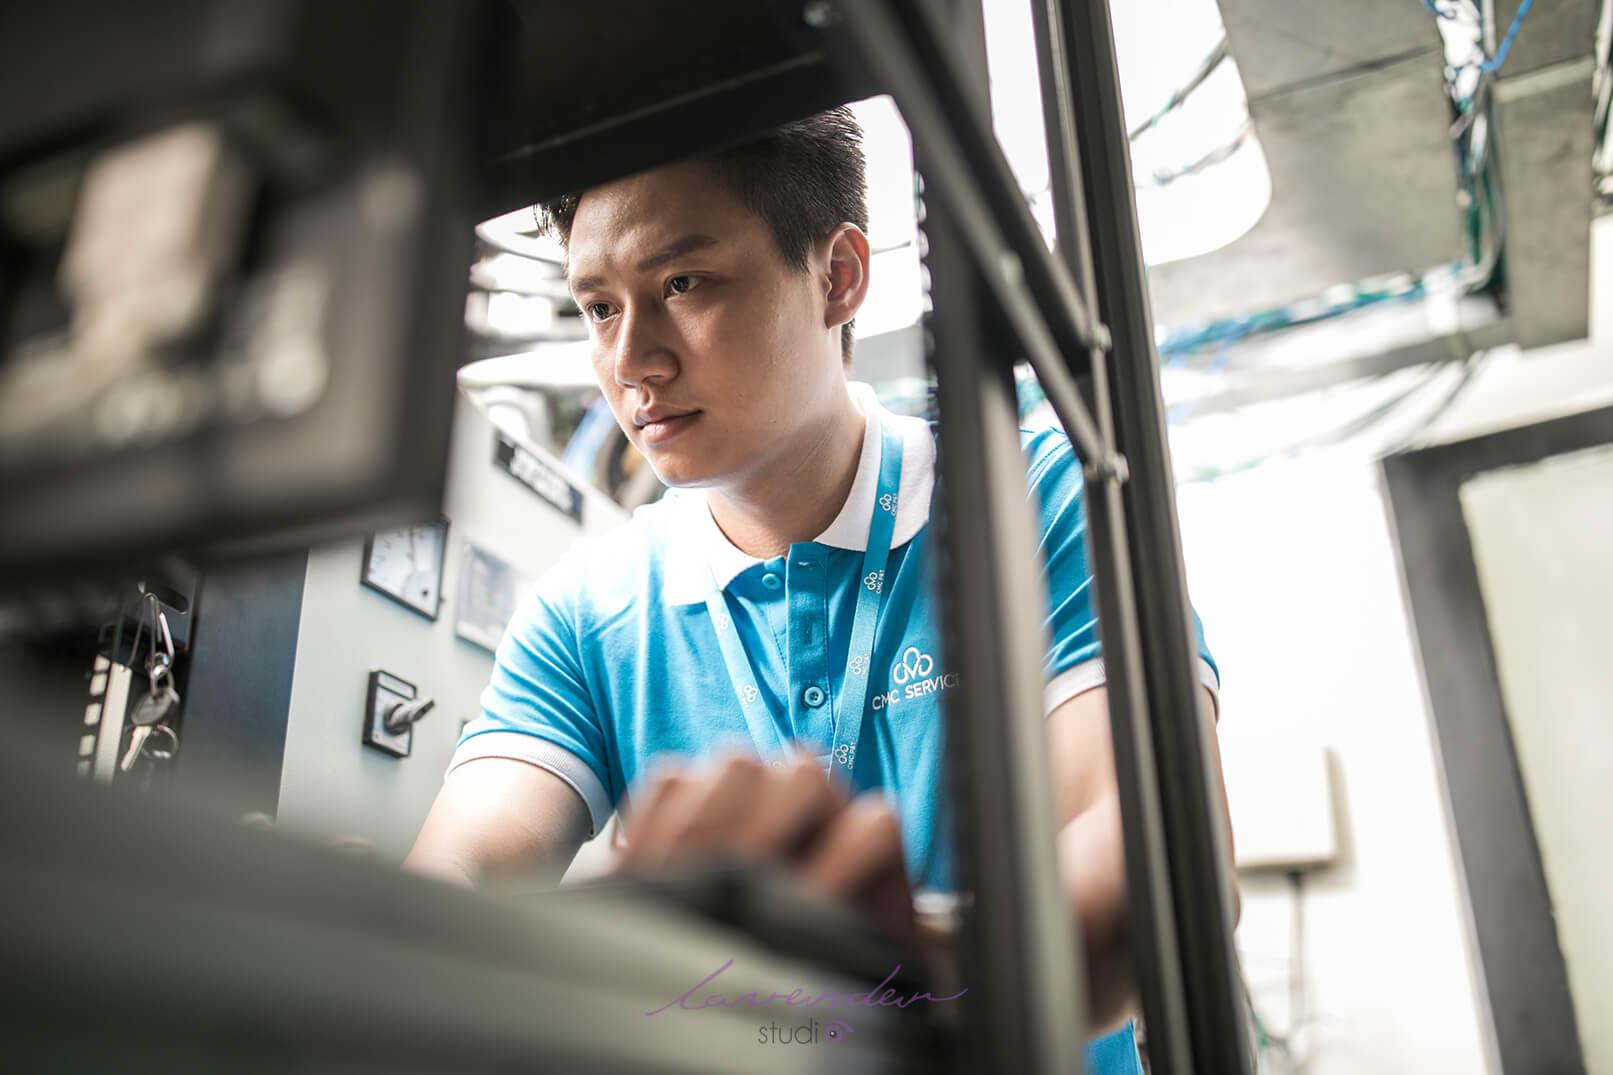 chụp ảnh doanh nghiệp ở Việt nam